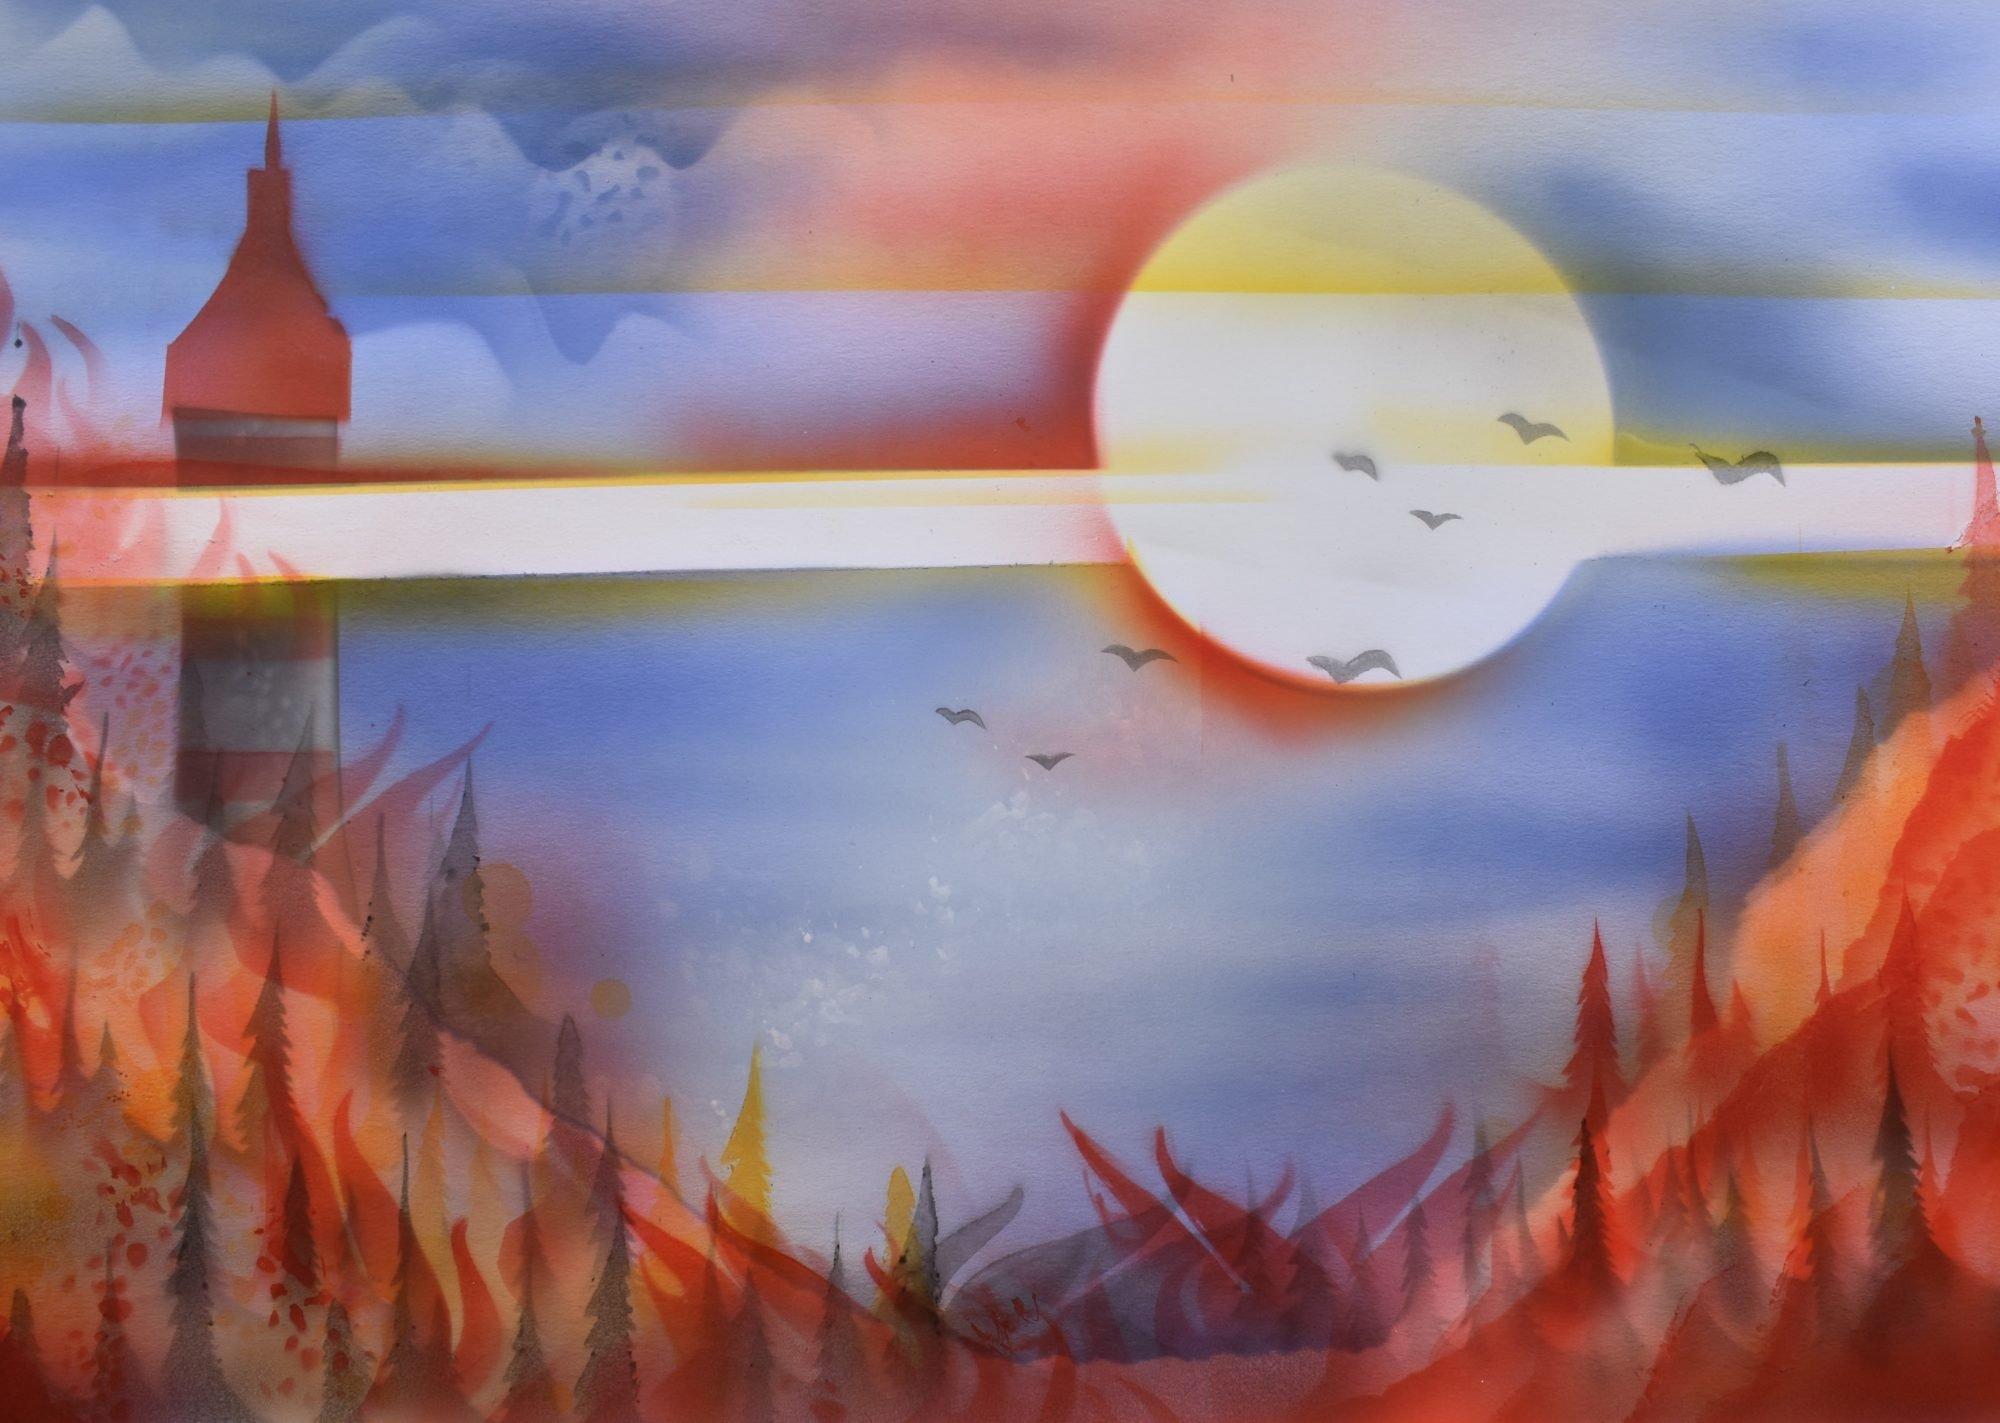 Airbrush Gemälde eines brennenden Waldes. Im Hintergrund die Sonne, deren Strahlen horizontal über dem Brand liegen und ein Turm mitten im Wald.